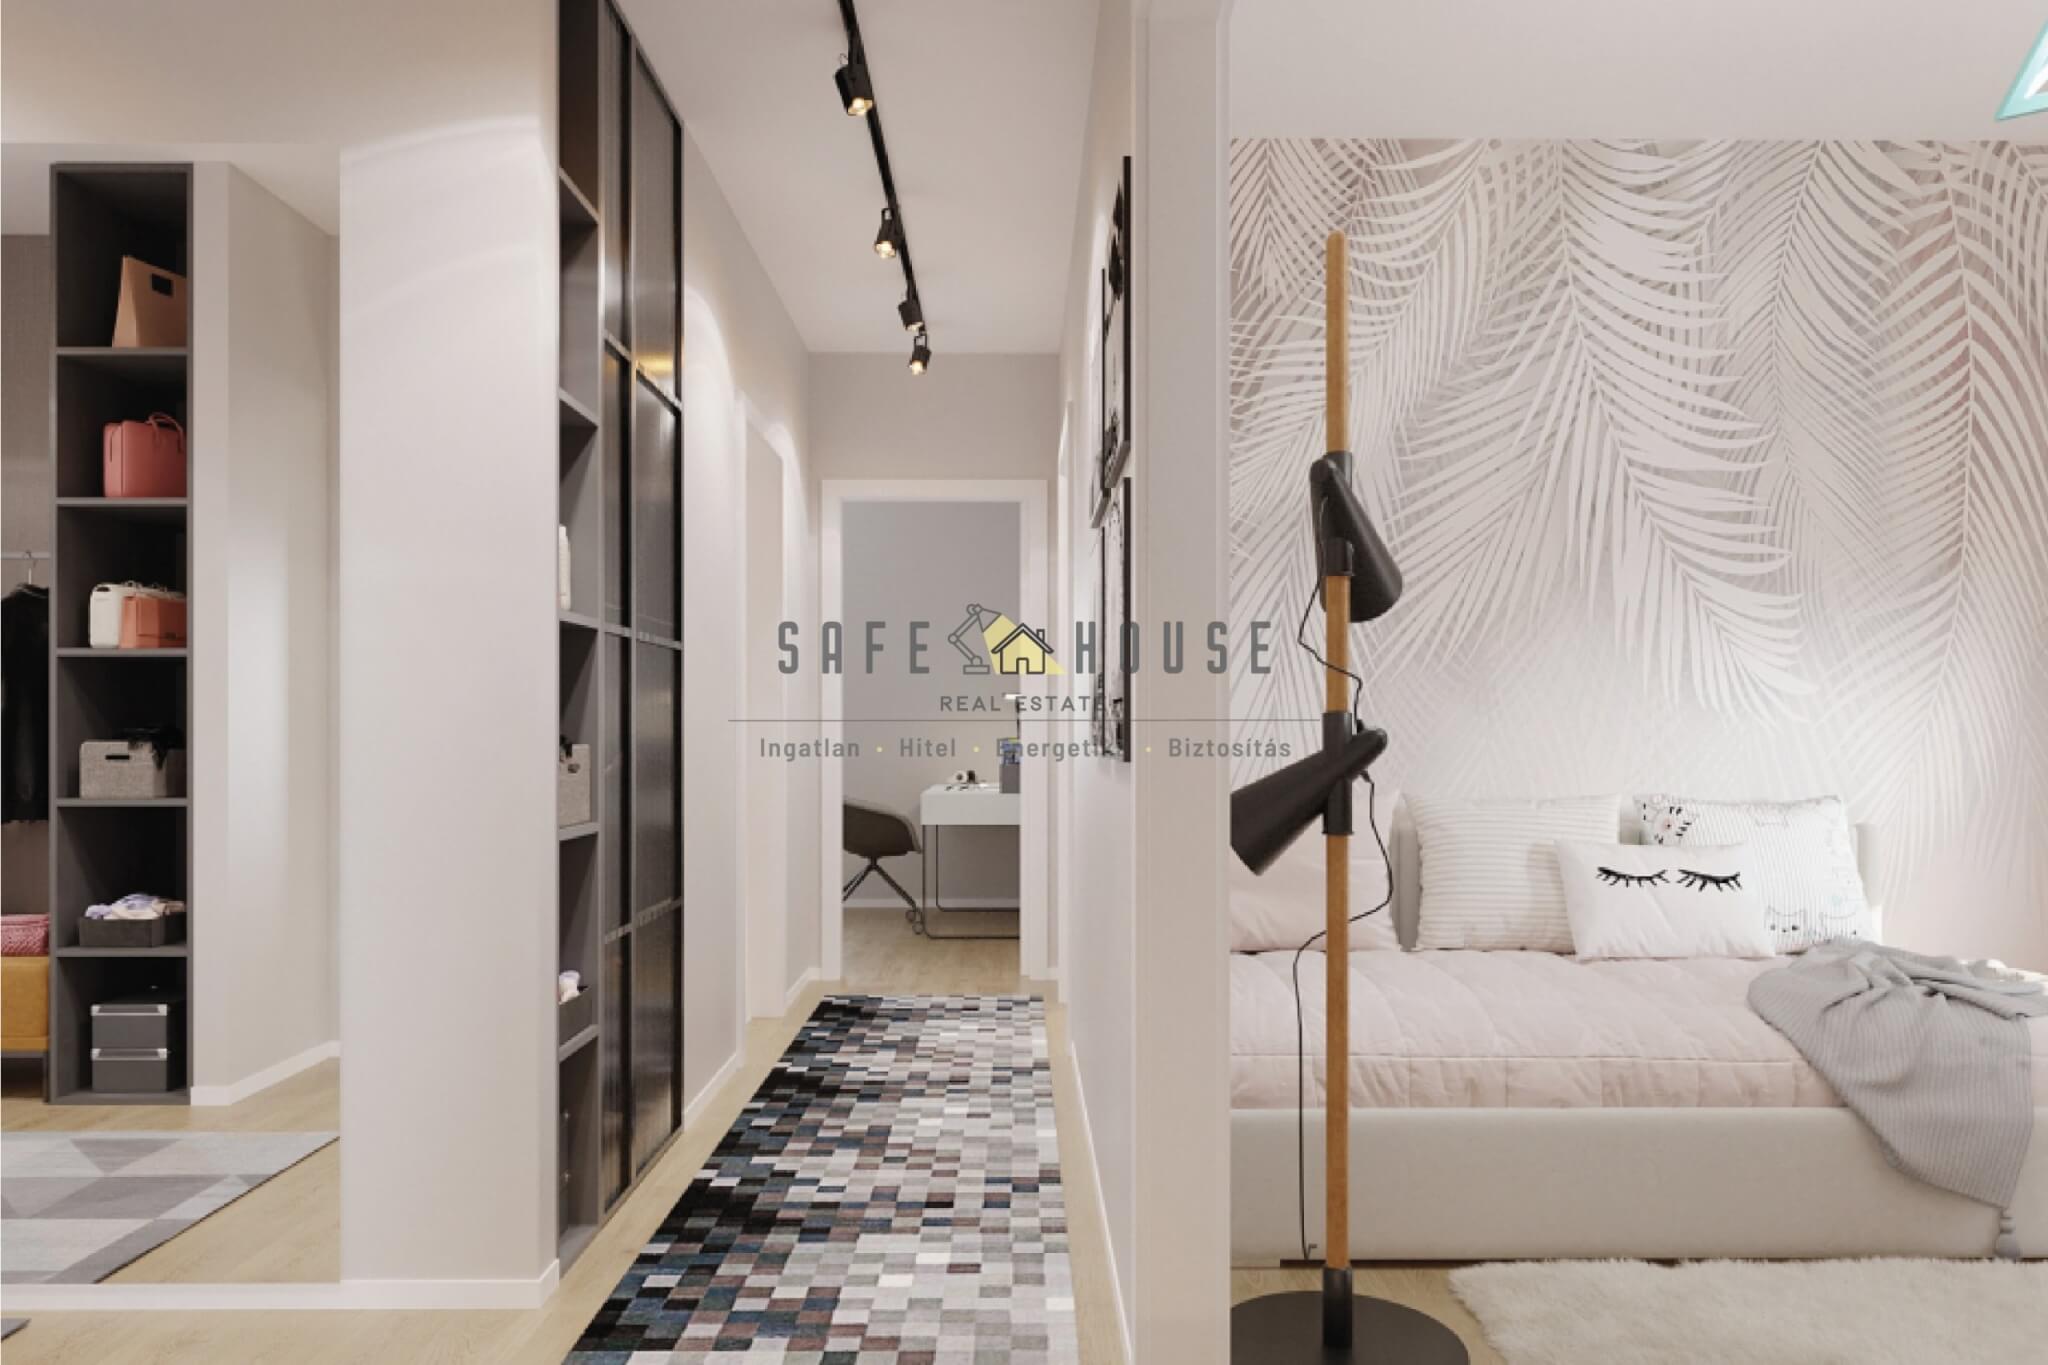 Safehouse Ingatlan Gyöngyösszőlős új építésű 11-33